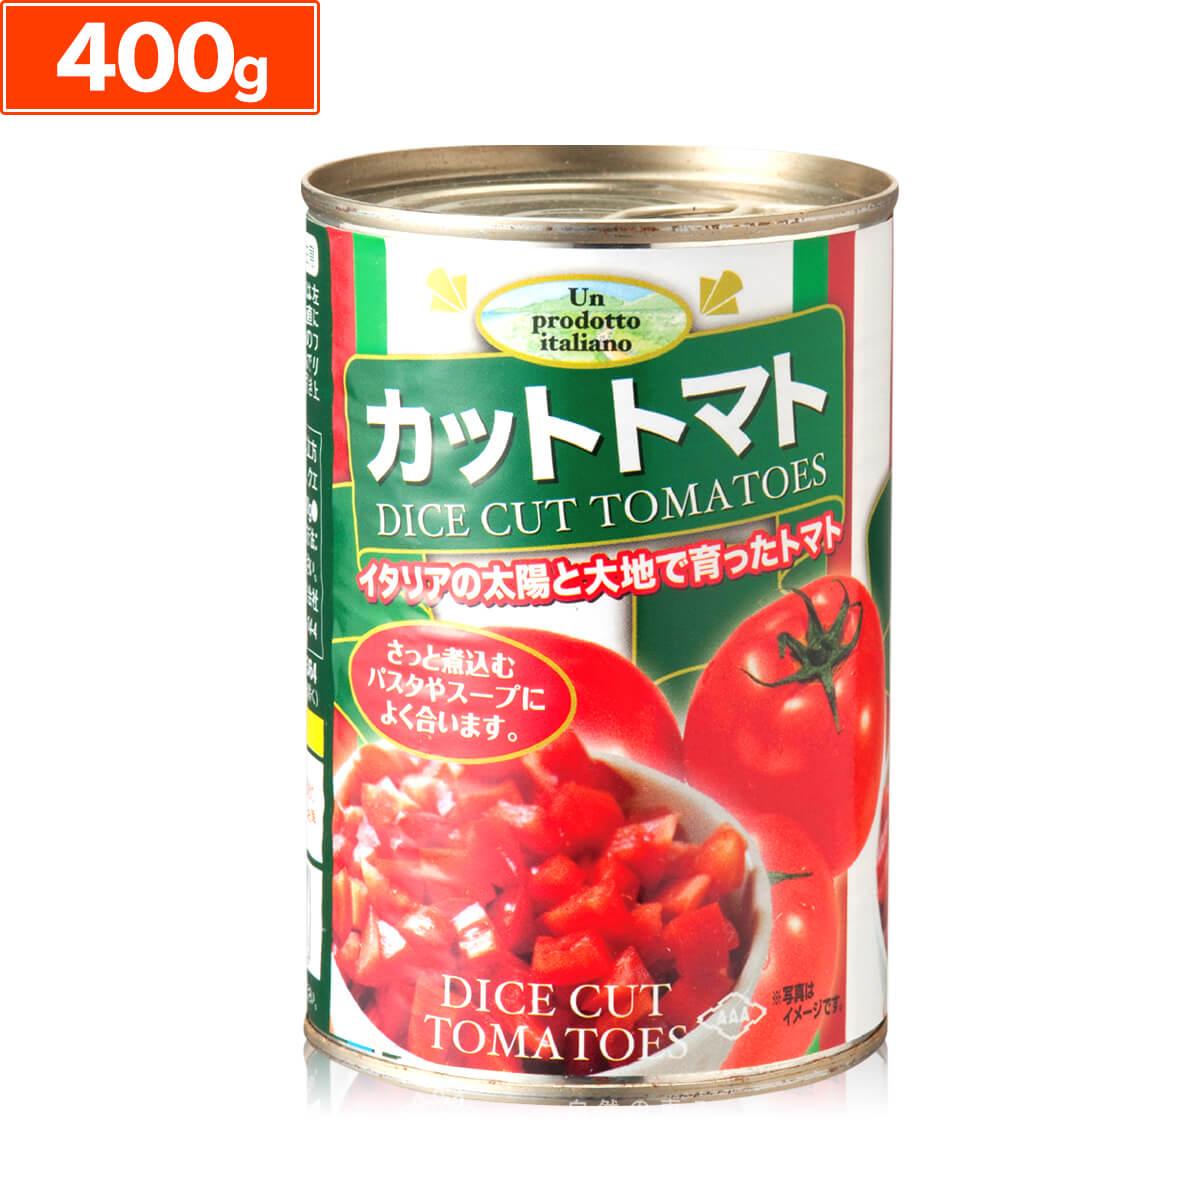 本場イタリアの太陽の光をたっぷり浴びた完熟トマトです 1位 朝日カットトマト缶 400g トマト缶詰 お買い得品 カット トマト ランキング 400 イタリア おすすめ 朝日 高品質 メーカー